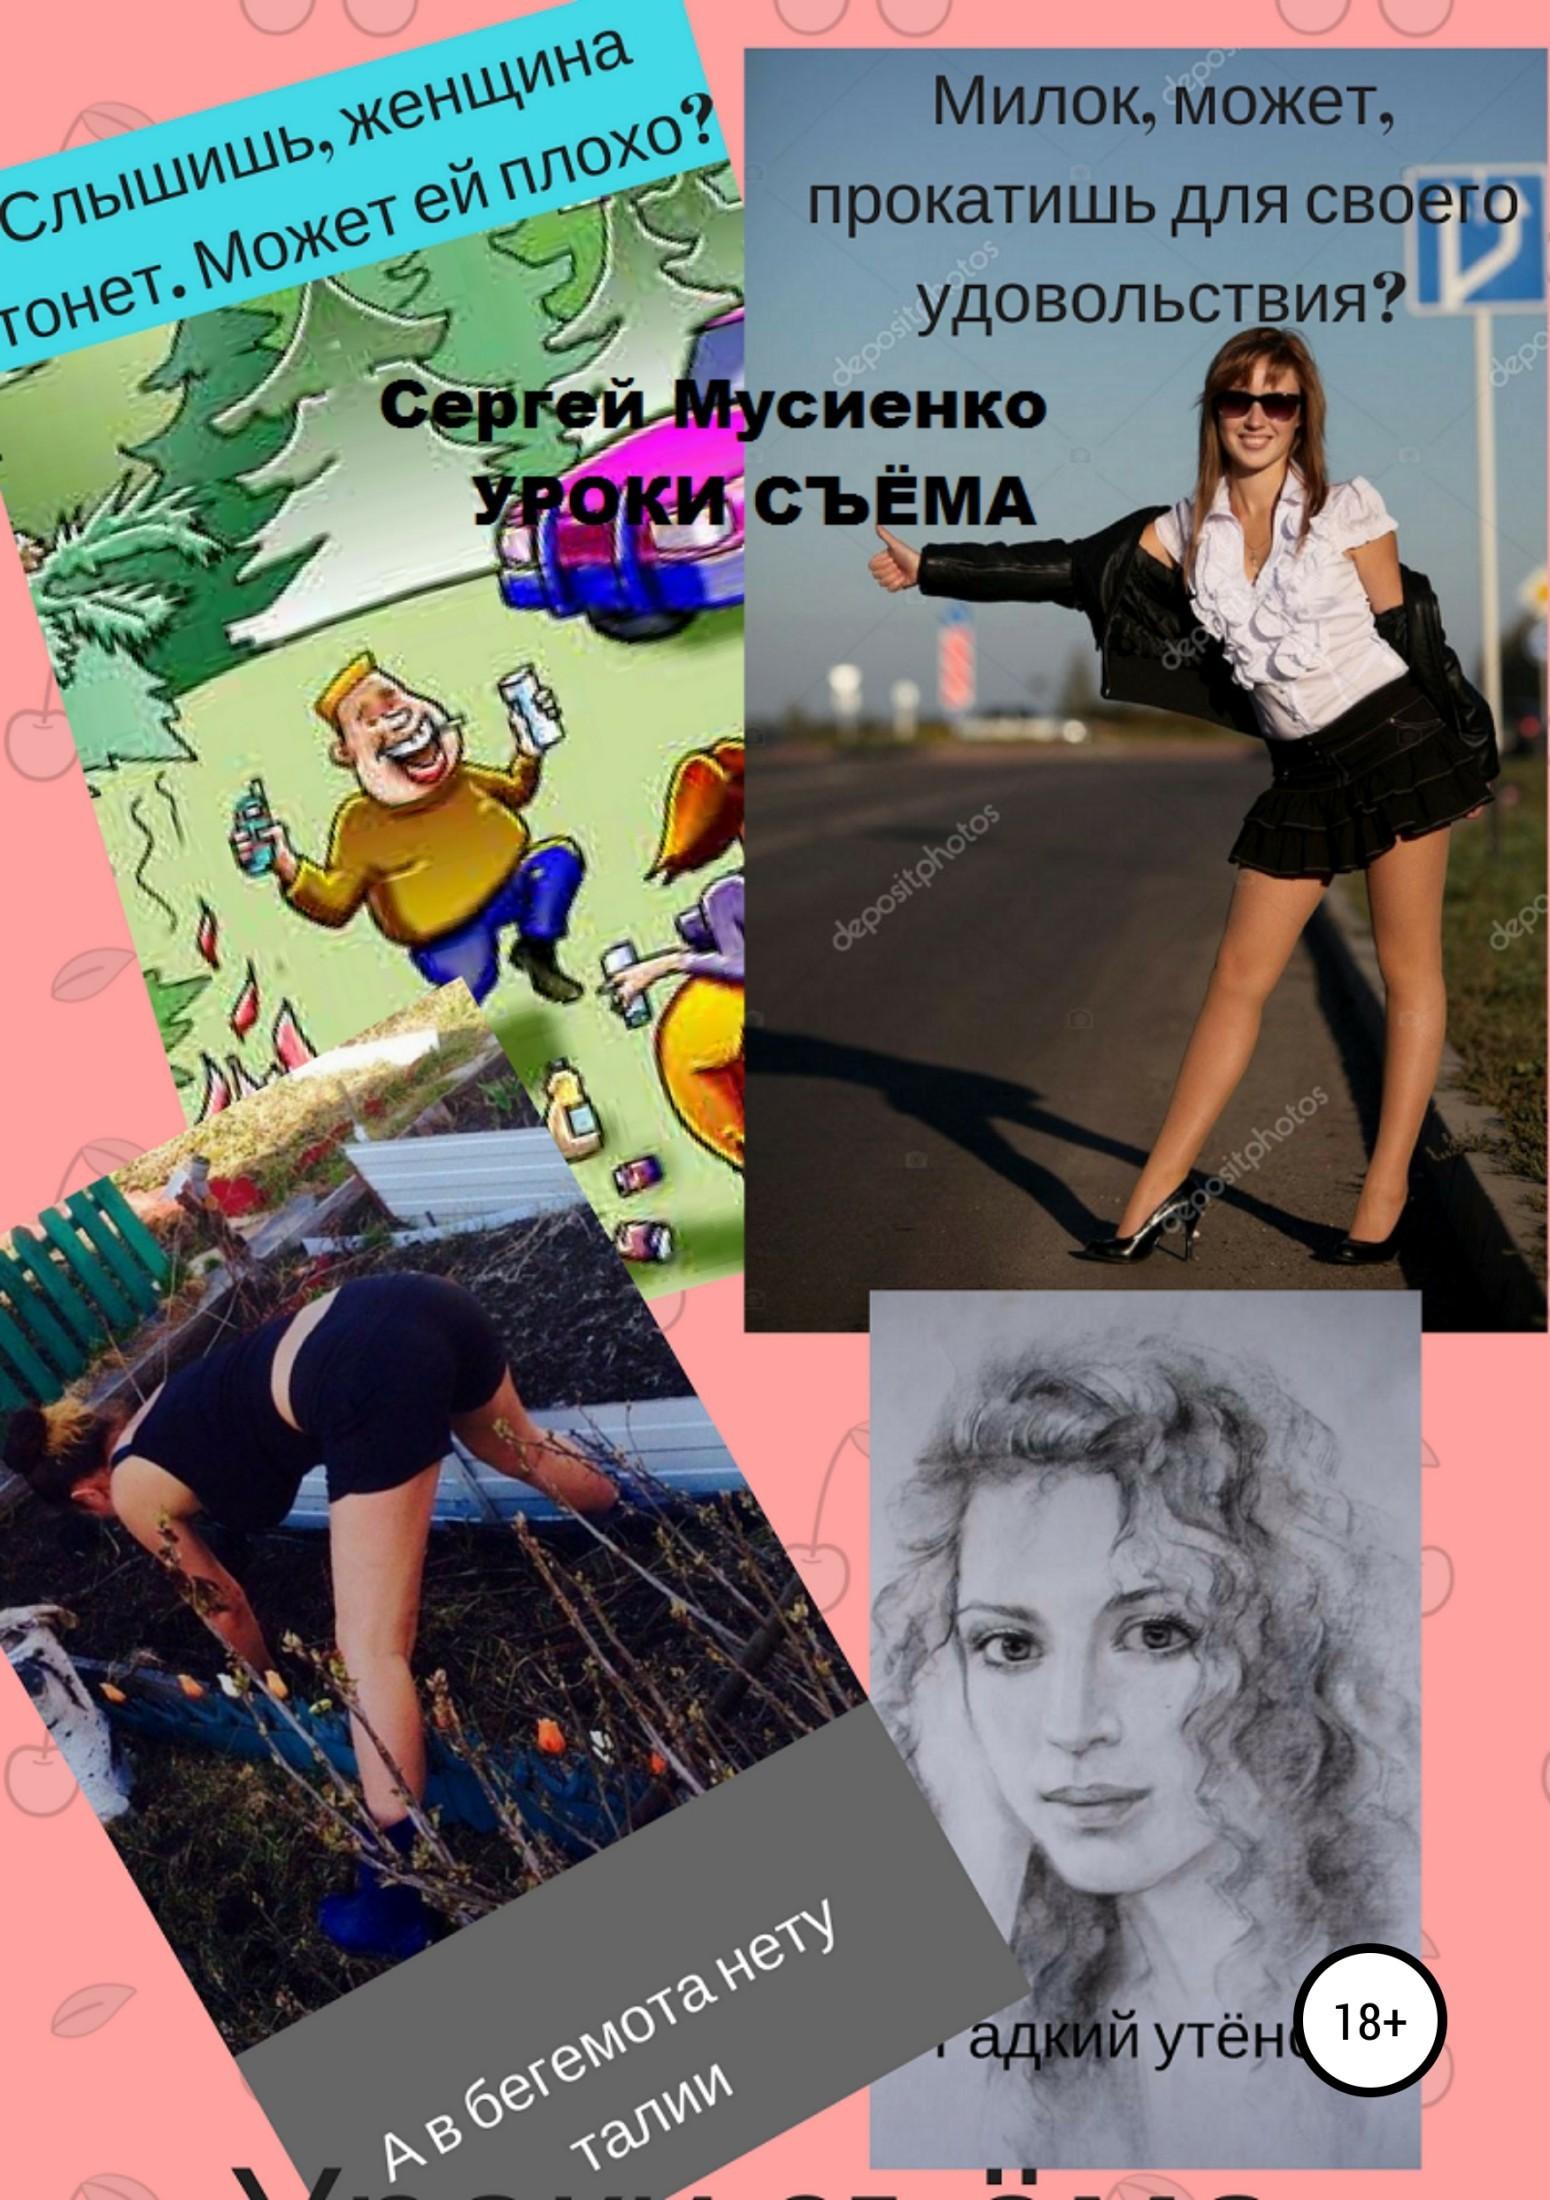 Сергей Мусиенко Уроки съёма. Сборник рассказов цена и фото